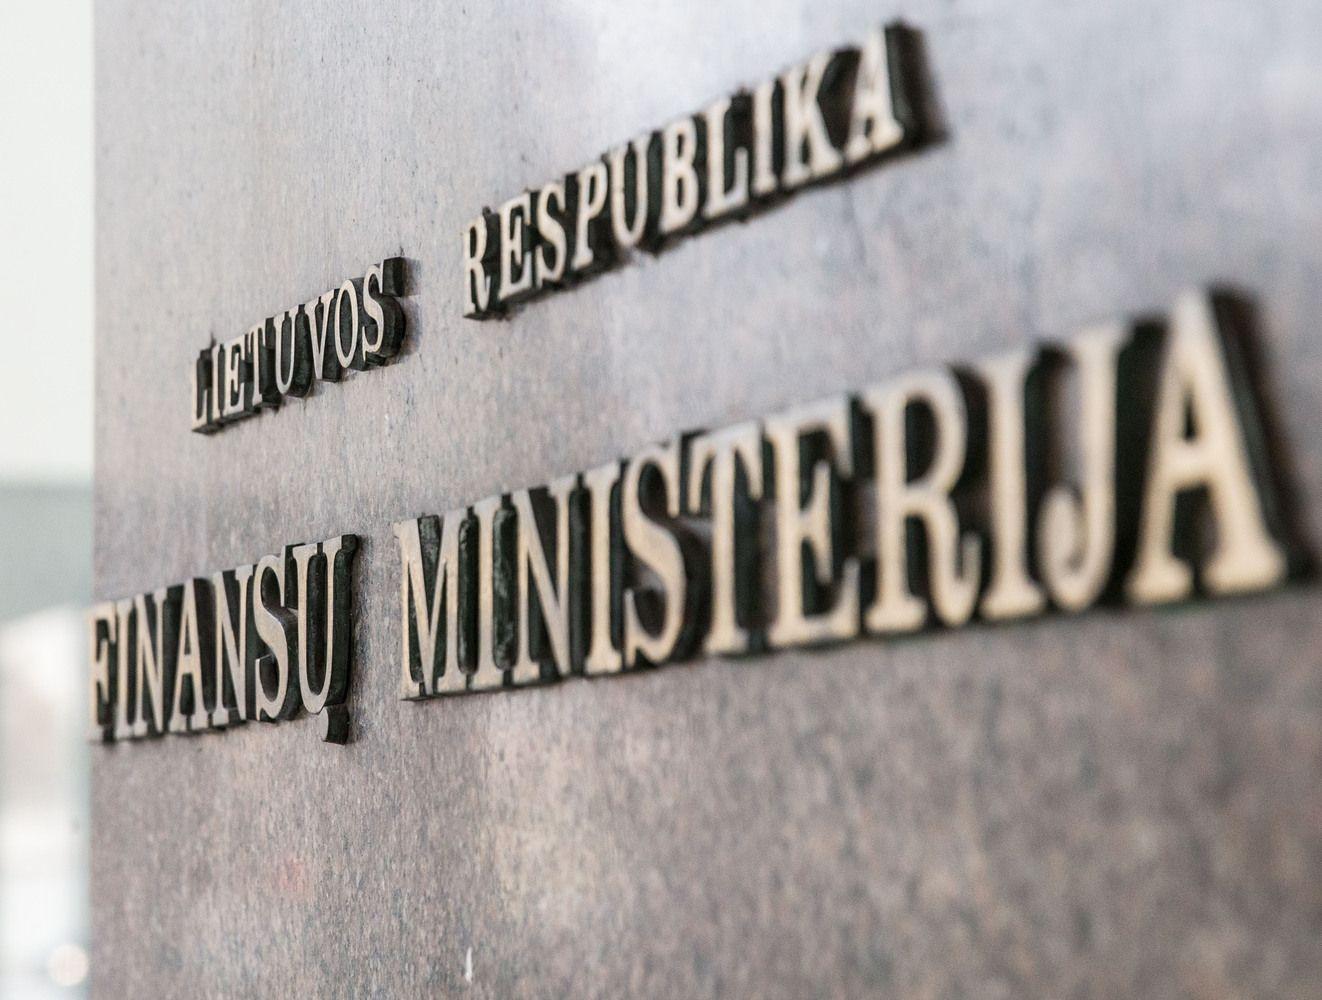 FM atsiėmė pasiūlymą dėl akcijų lengvatos apribojimo